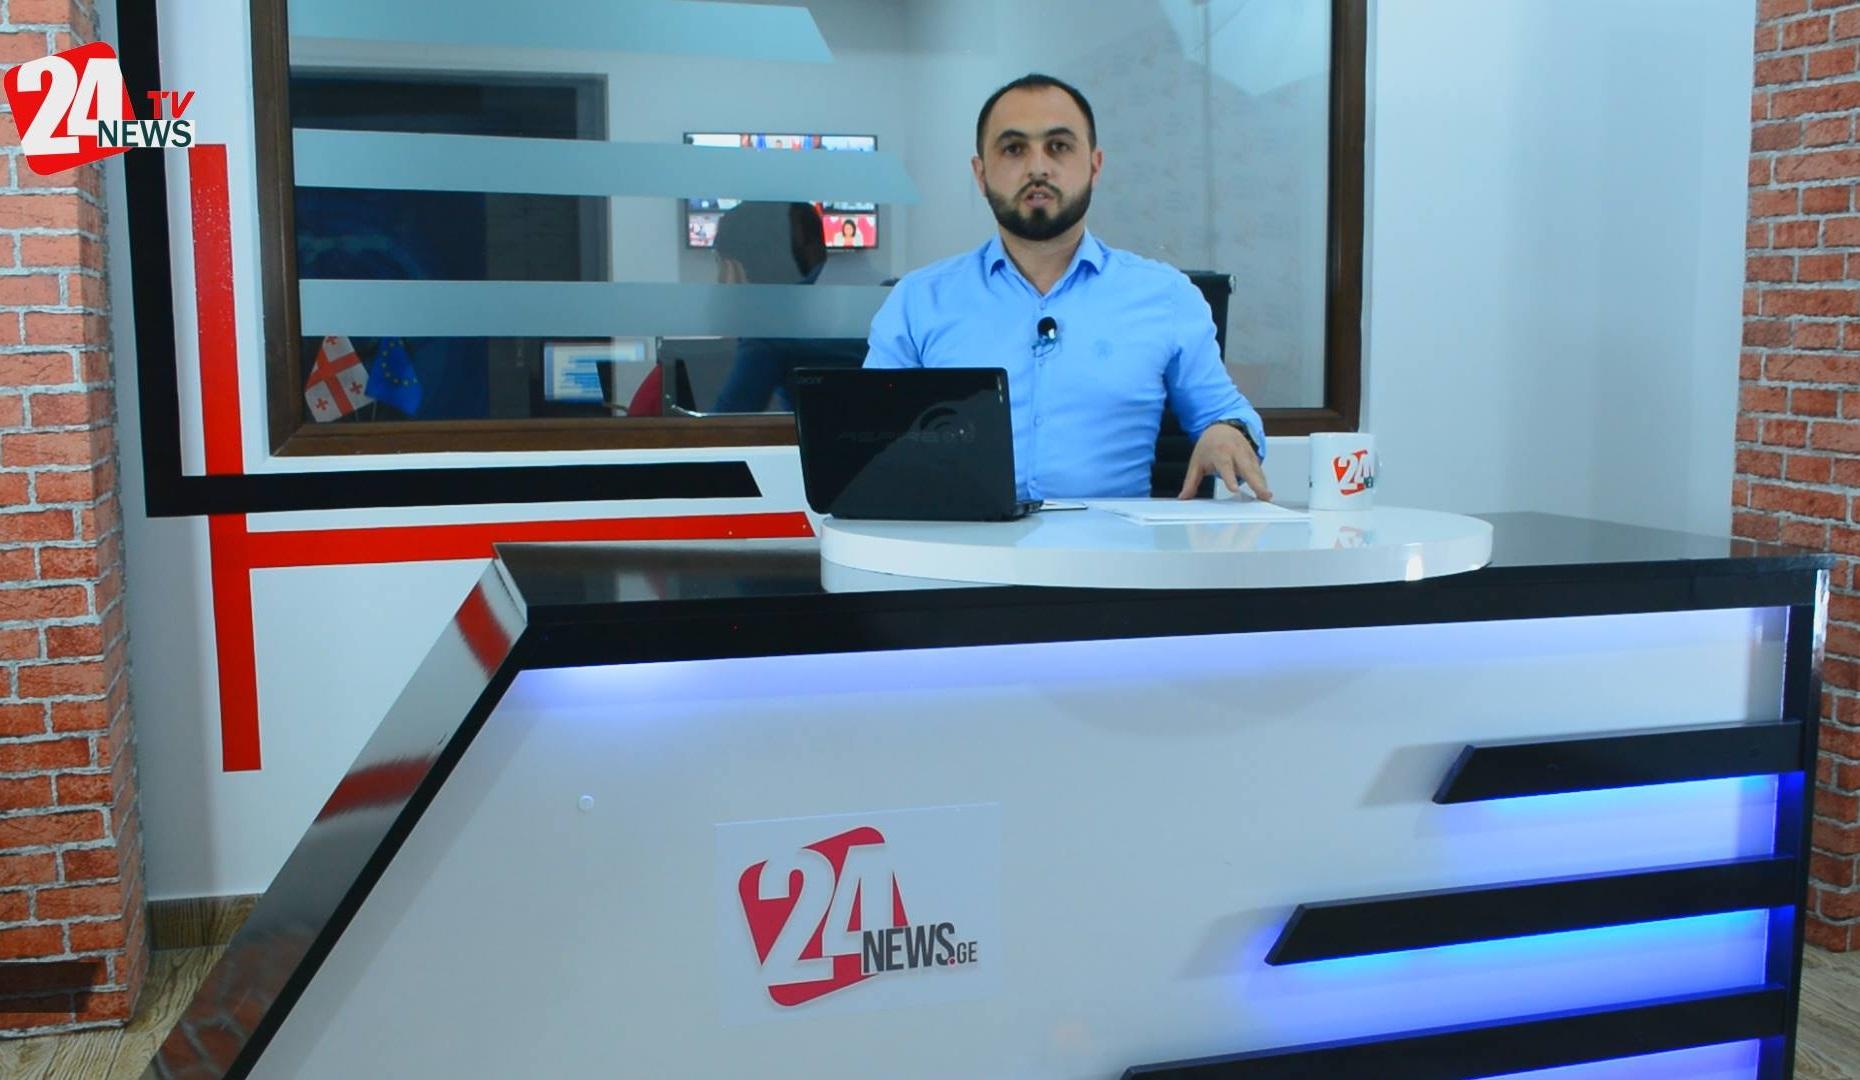 24News Tv-də Xəbər Vaxtı (22.07.2021) - (VİDEO)